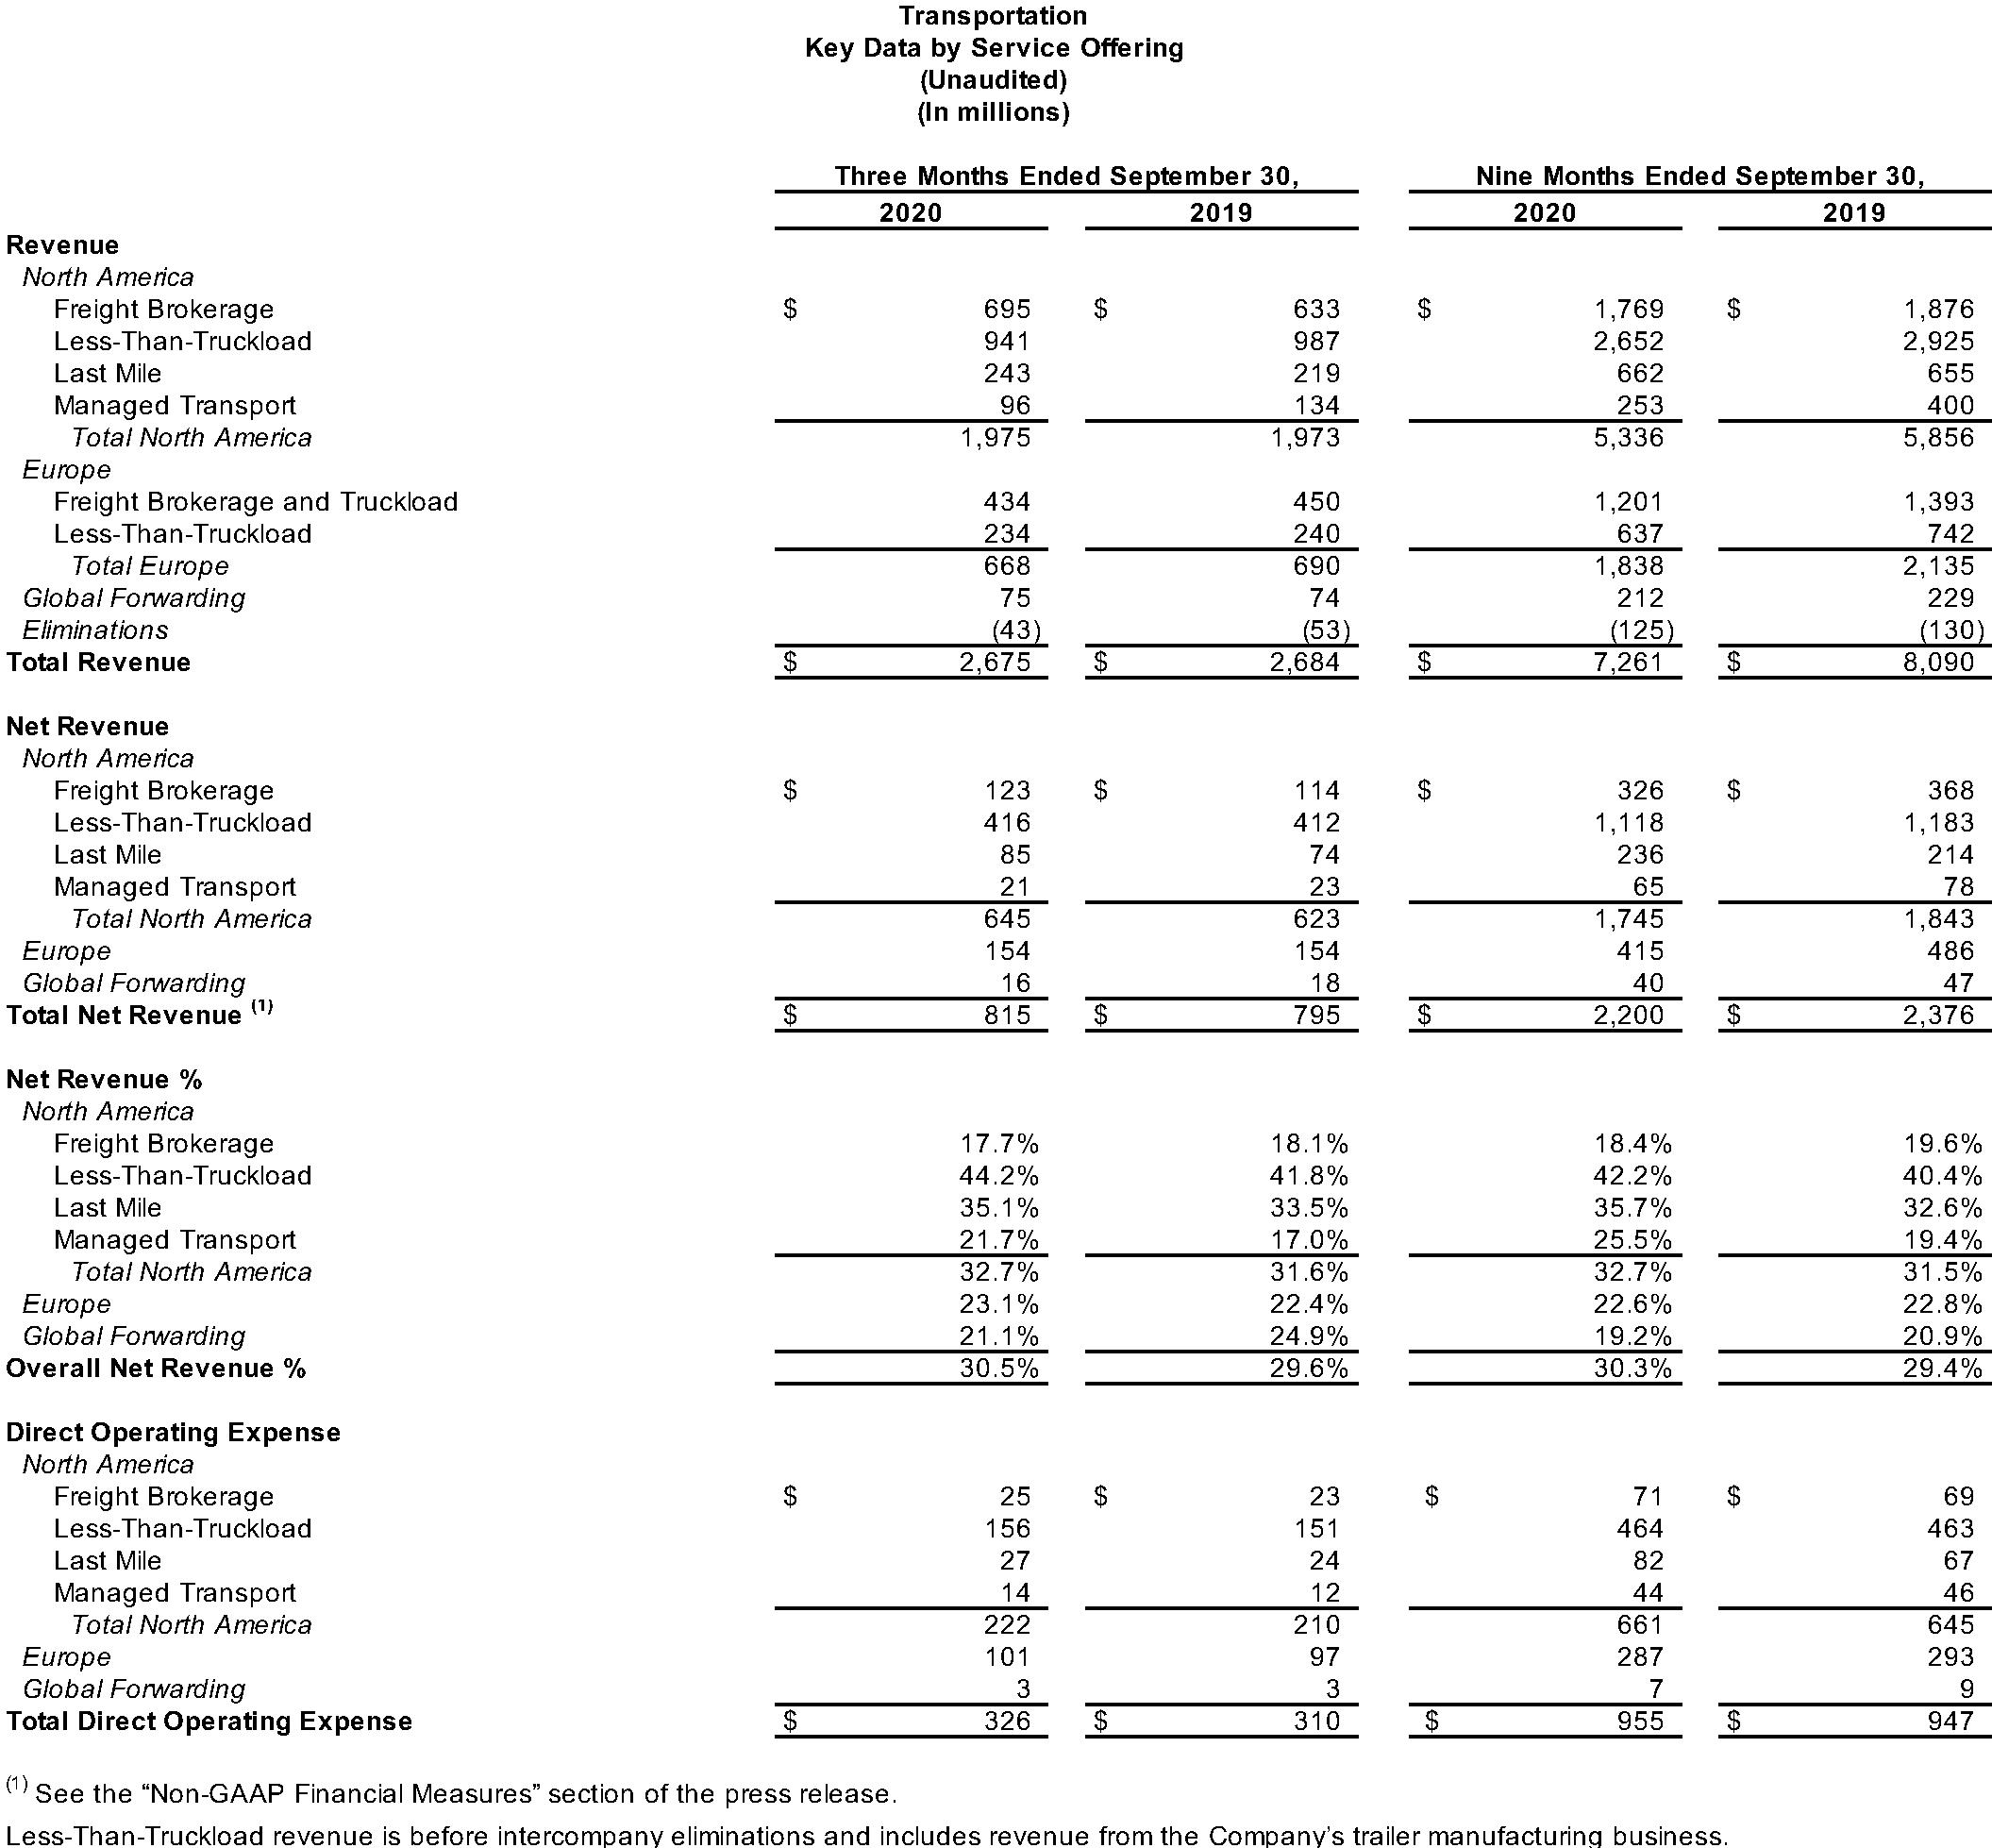 Transportation Key Data by Service Offering